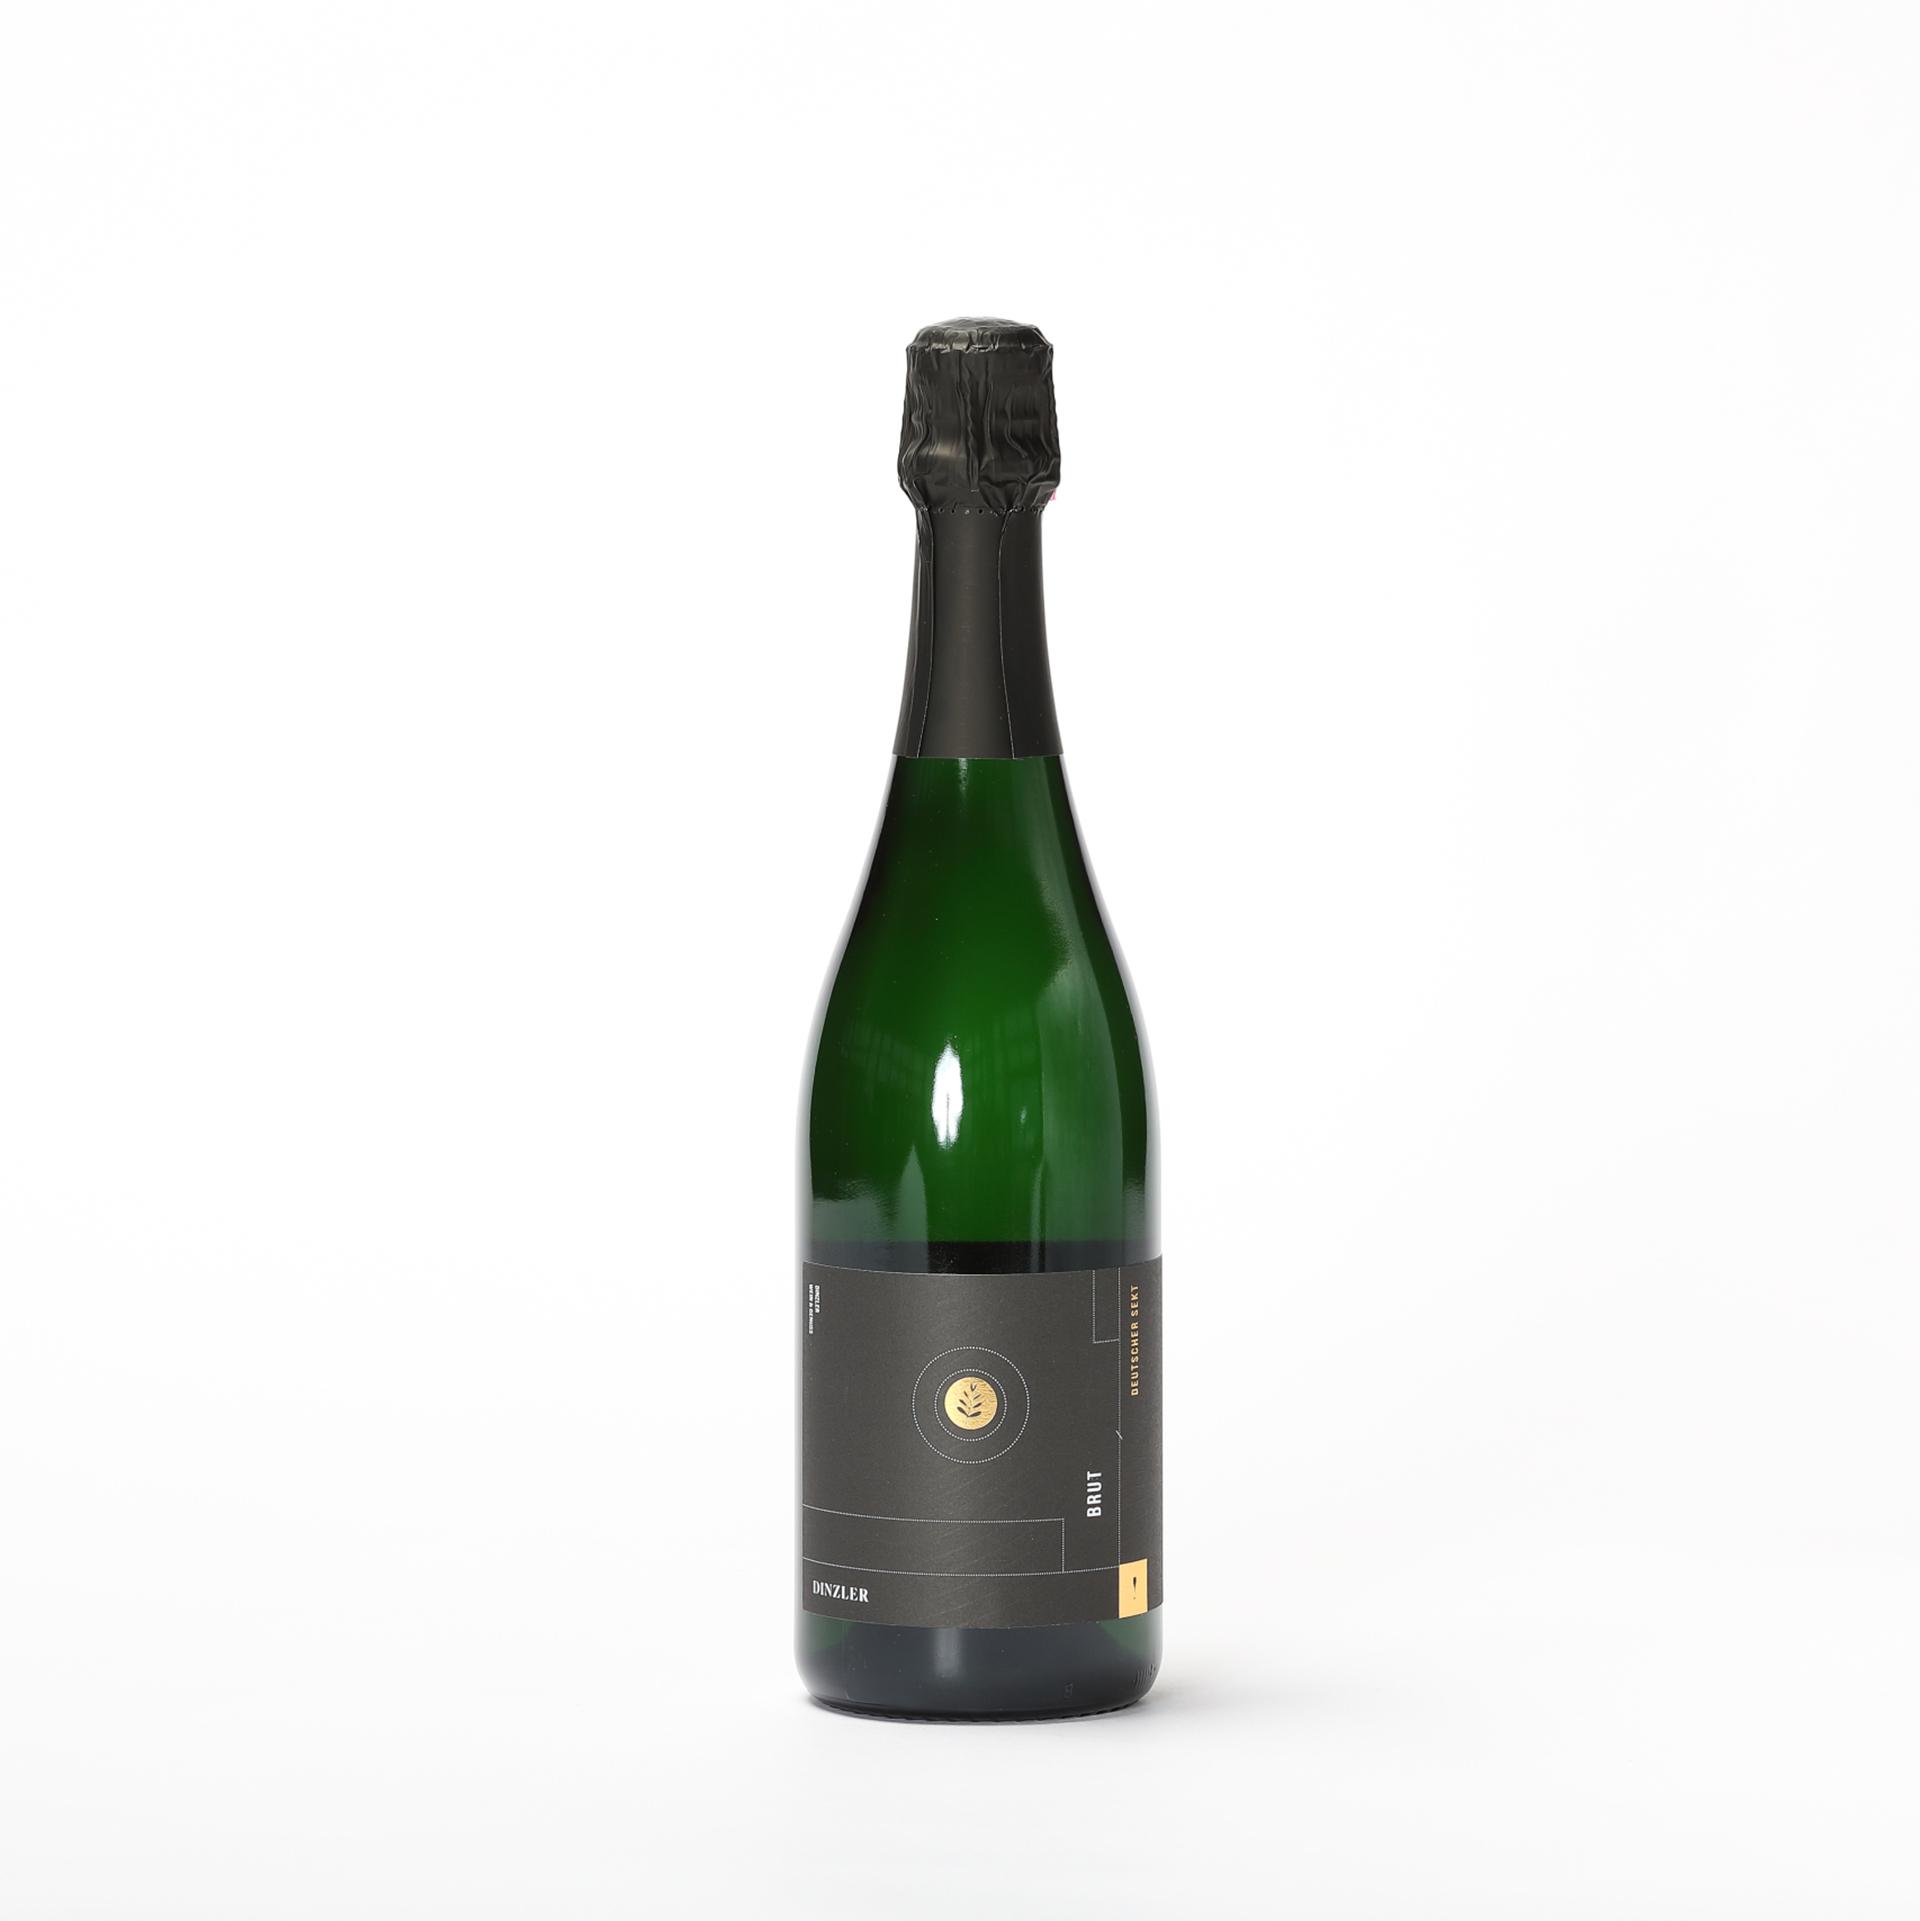 DINZLER Weißwein Sekt Brut - Weingut Dreissigacker